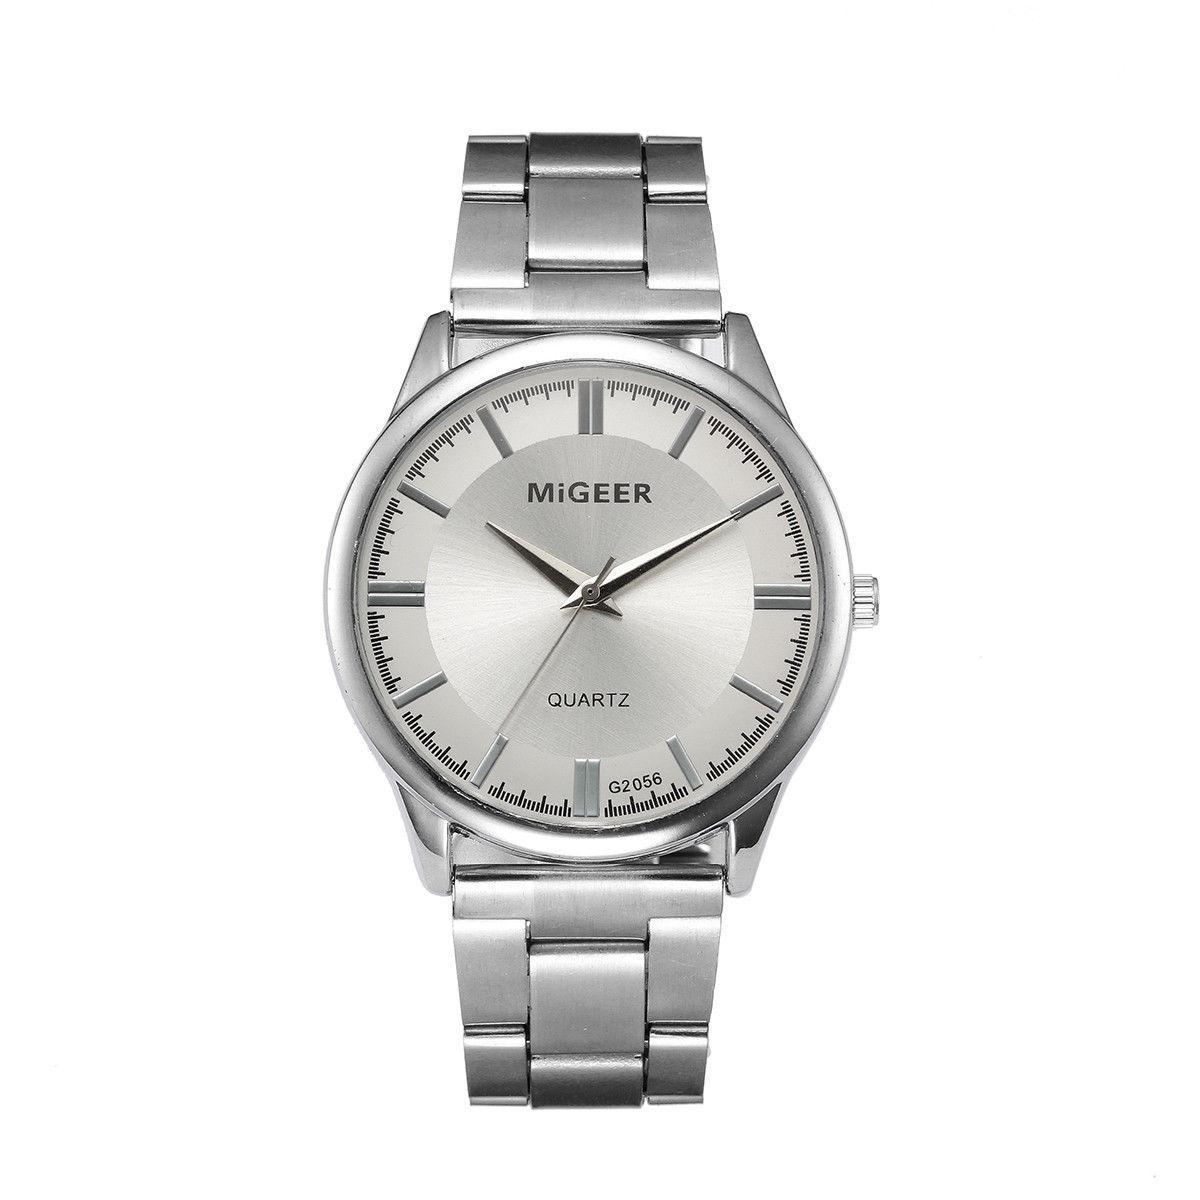 Мужские повседневные наручные часы «Migger» с металлическим браслетом (серебристый циферблат)